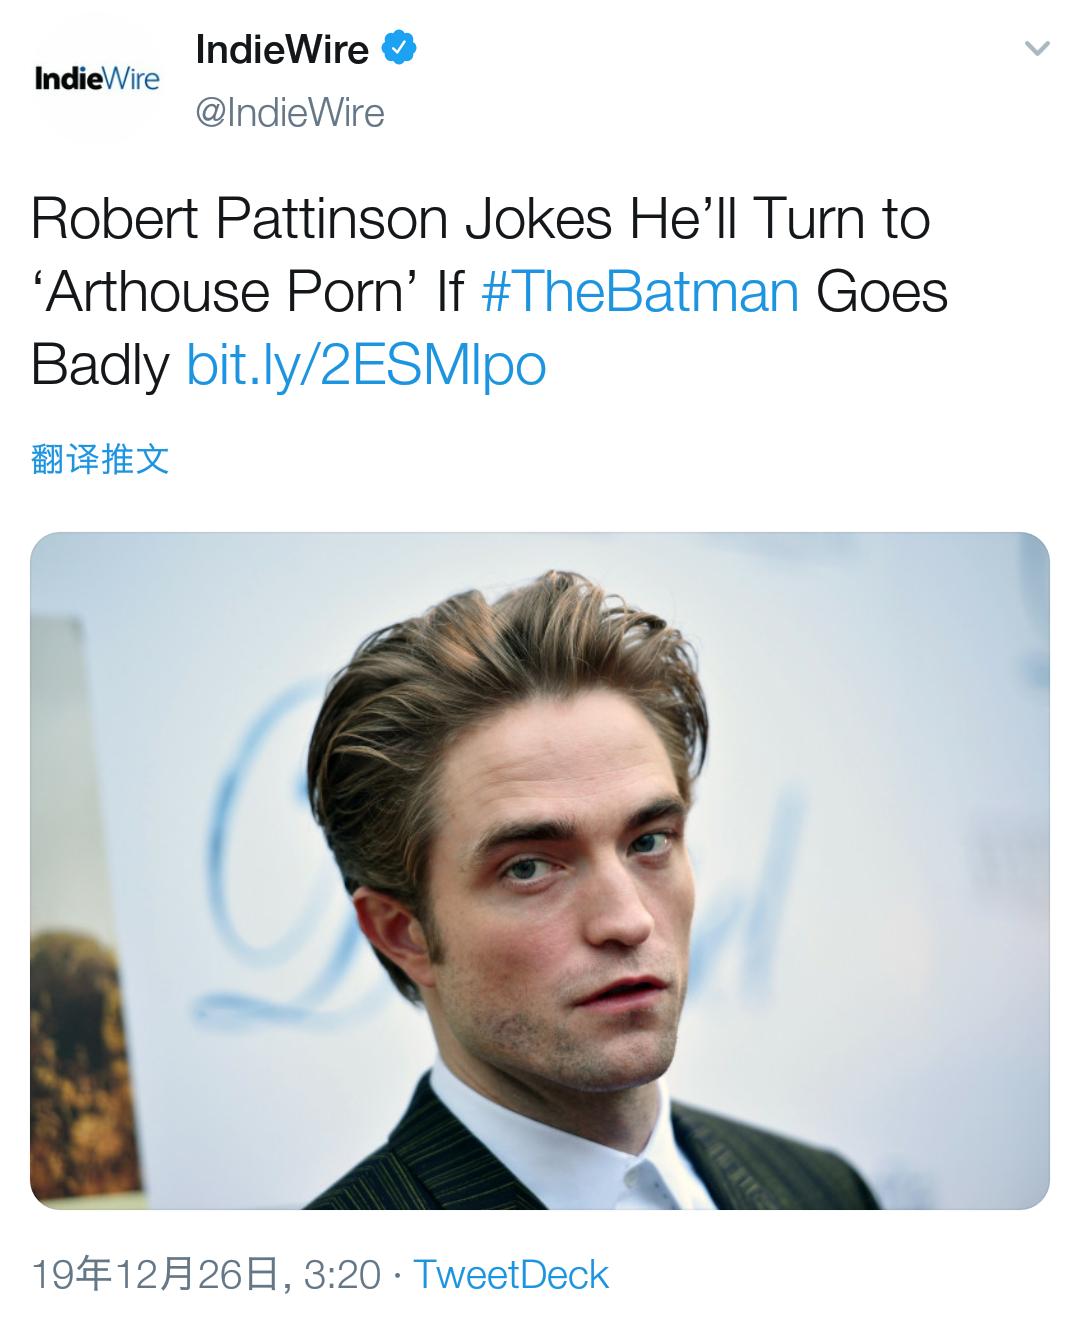 罗伯特·帕丁森开玩笑称:演砸了新《蝙蝠侠》 我就去拍A片